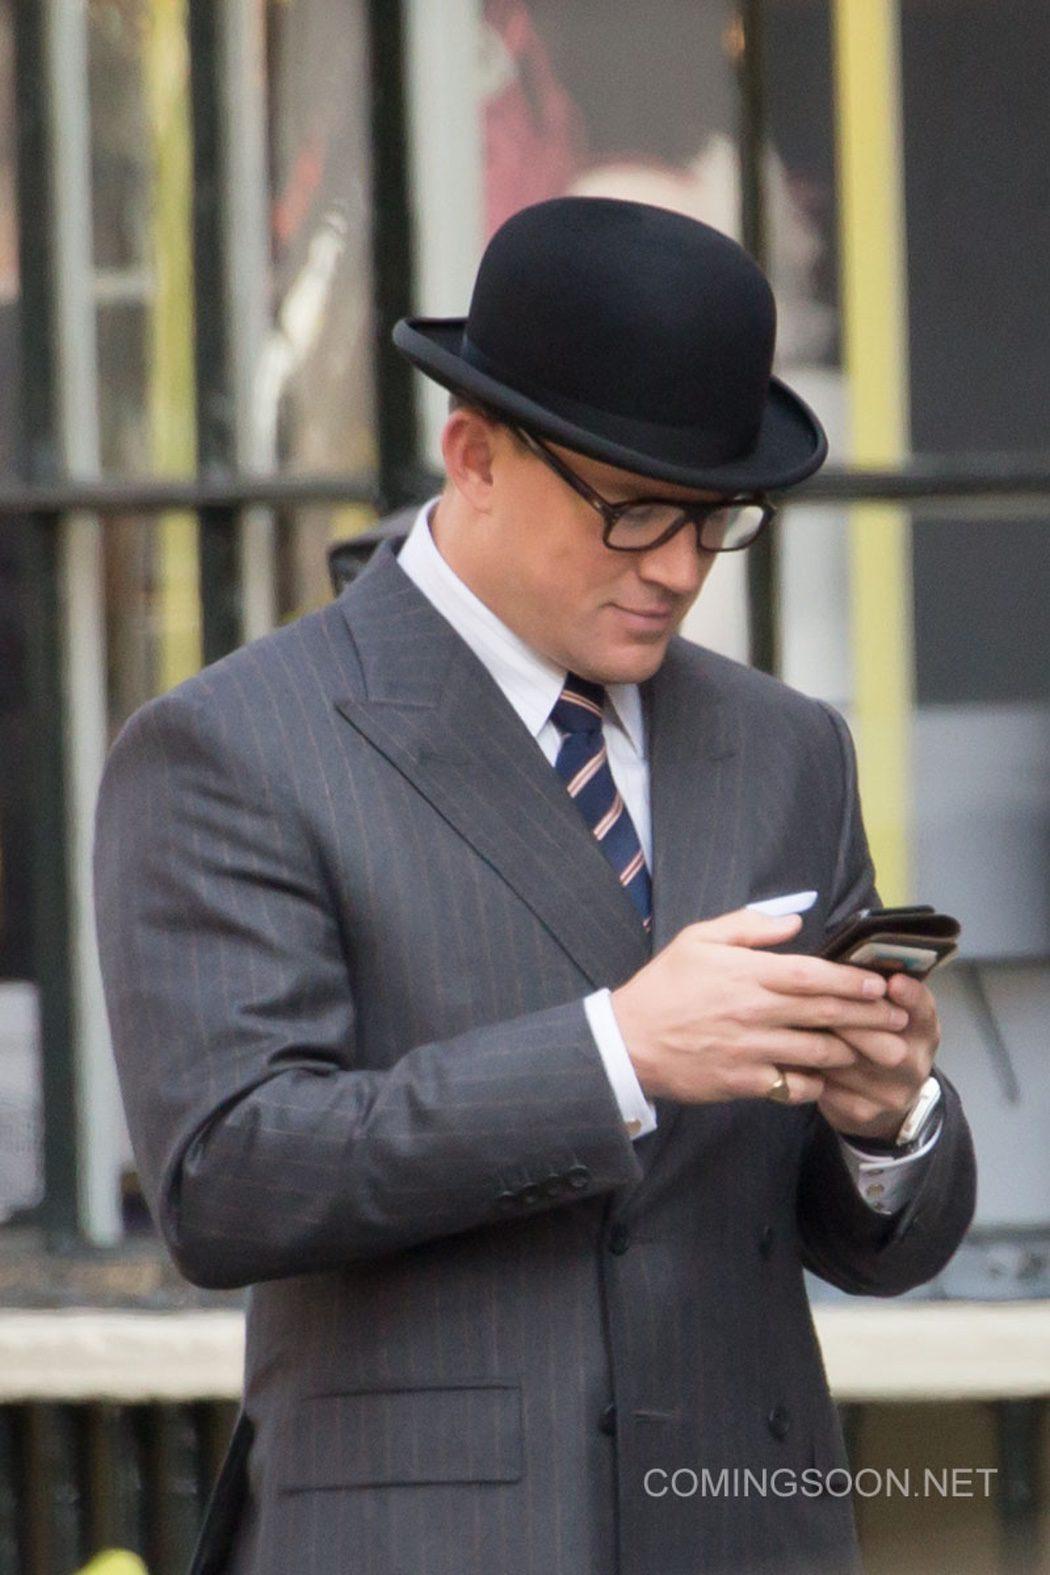 El actor comprueba su móvil